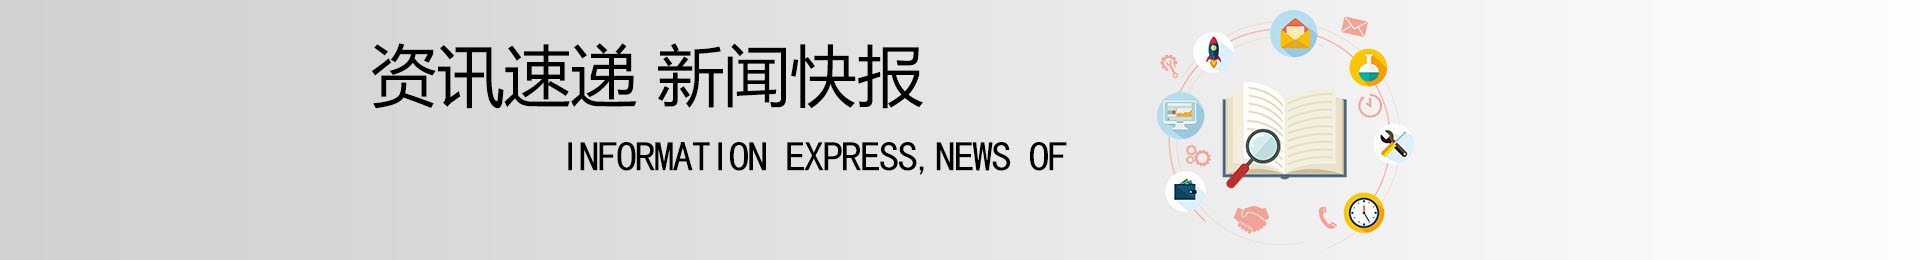 广东万博体育app在哪下载废金属